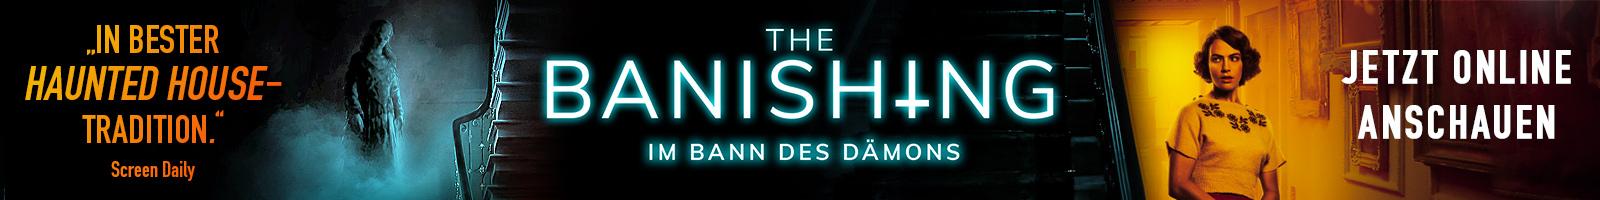 The Banishing